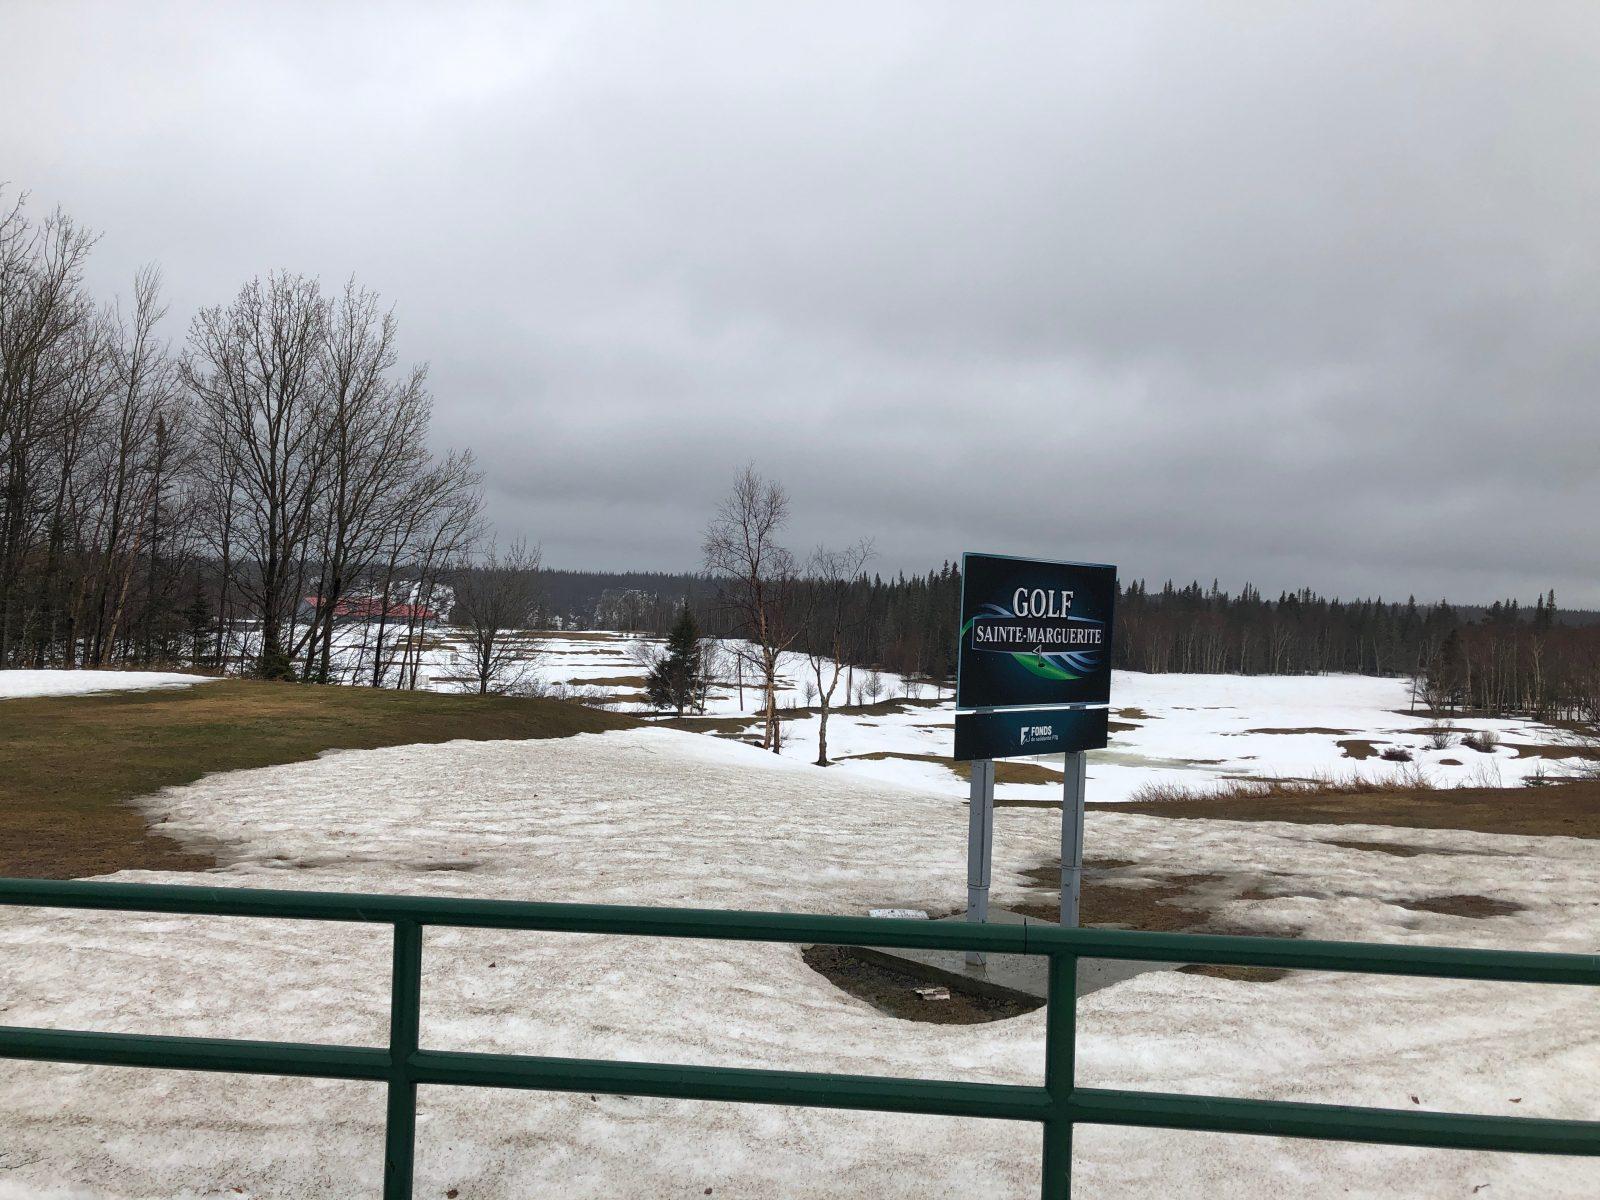 Le Club de golf Ste-Marguerite est attente des directives pour lancer sa saison